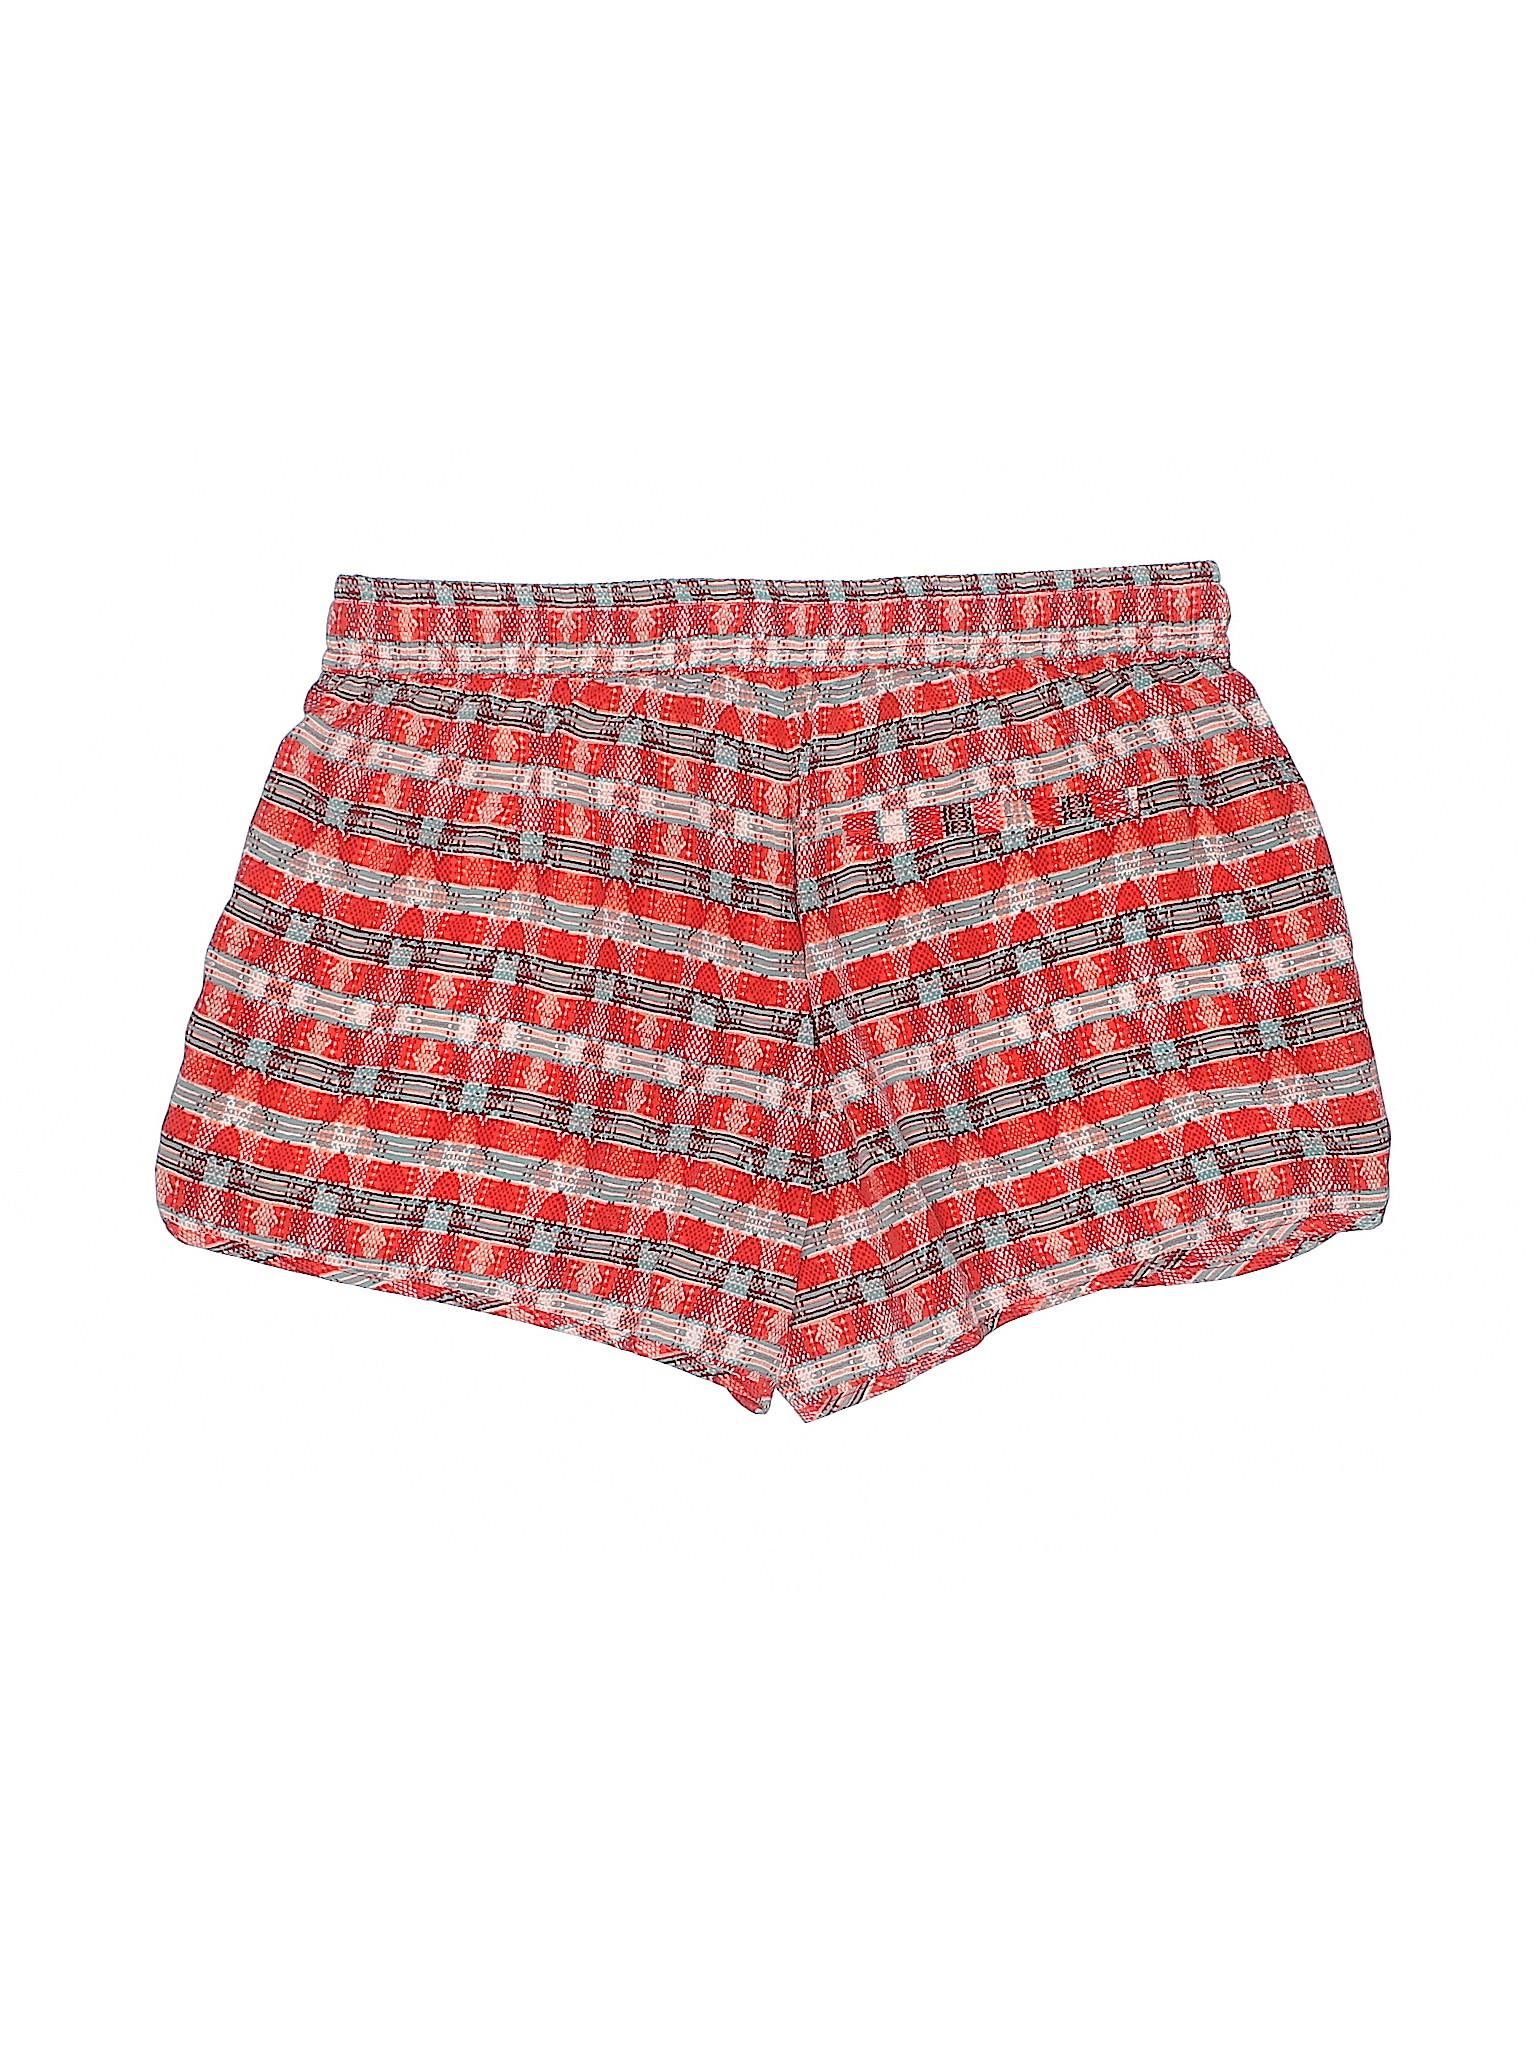 Boutique leisure Boutique Joie Shorts leisure 1H1wOx